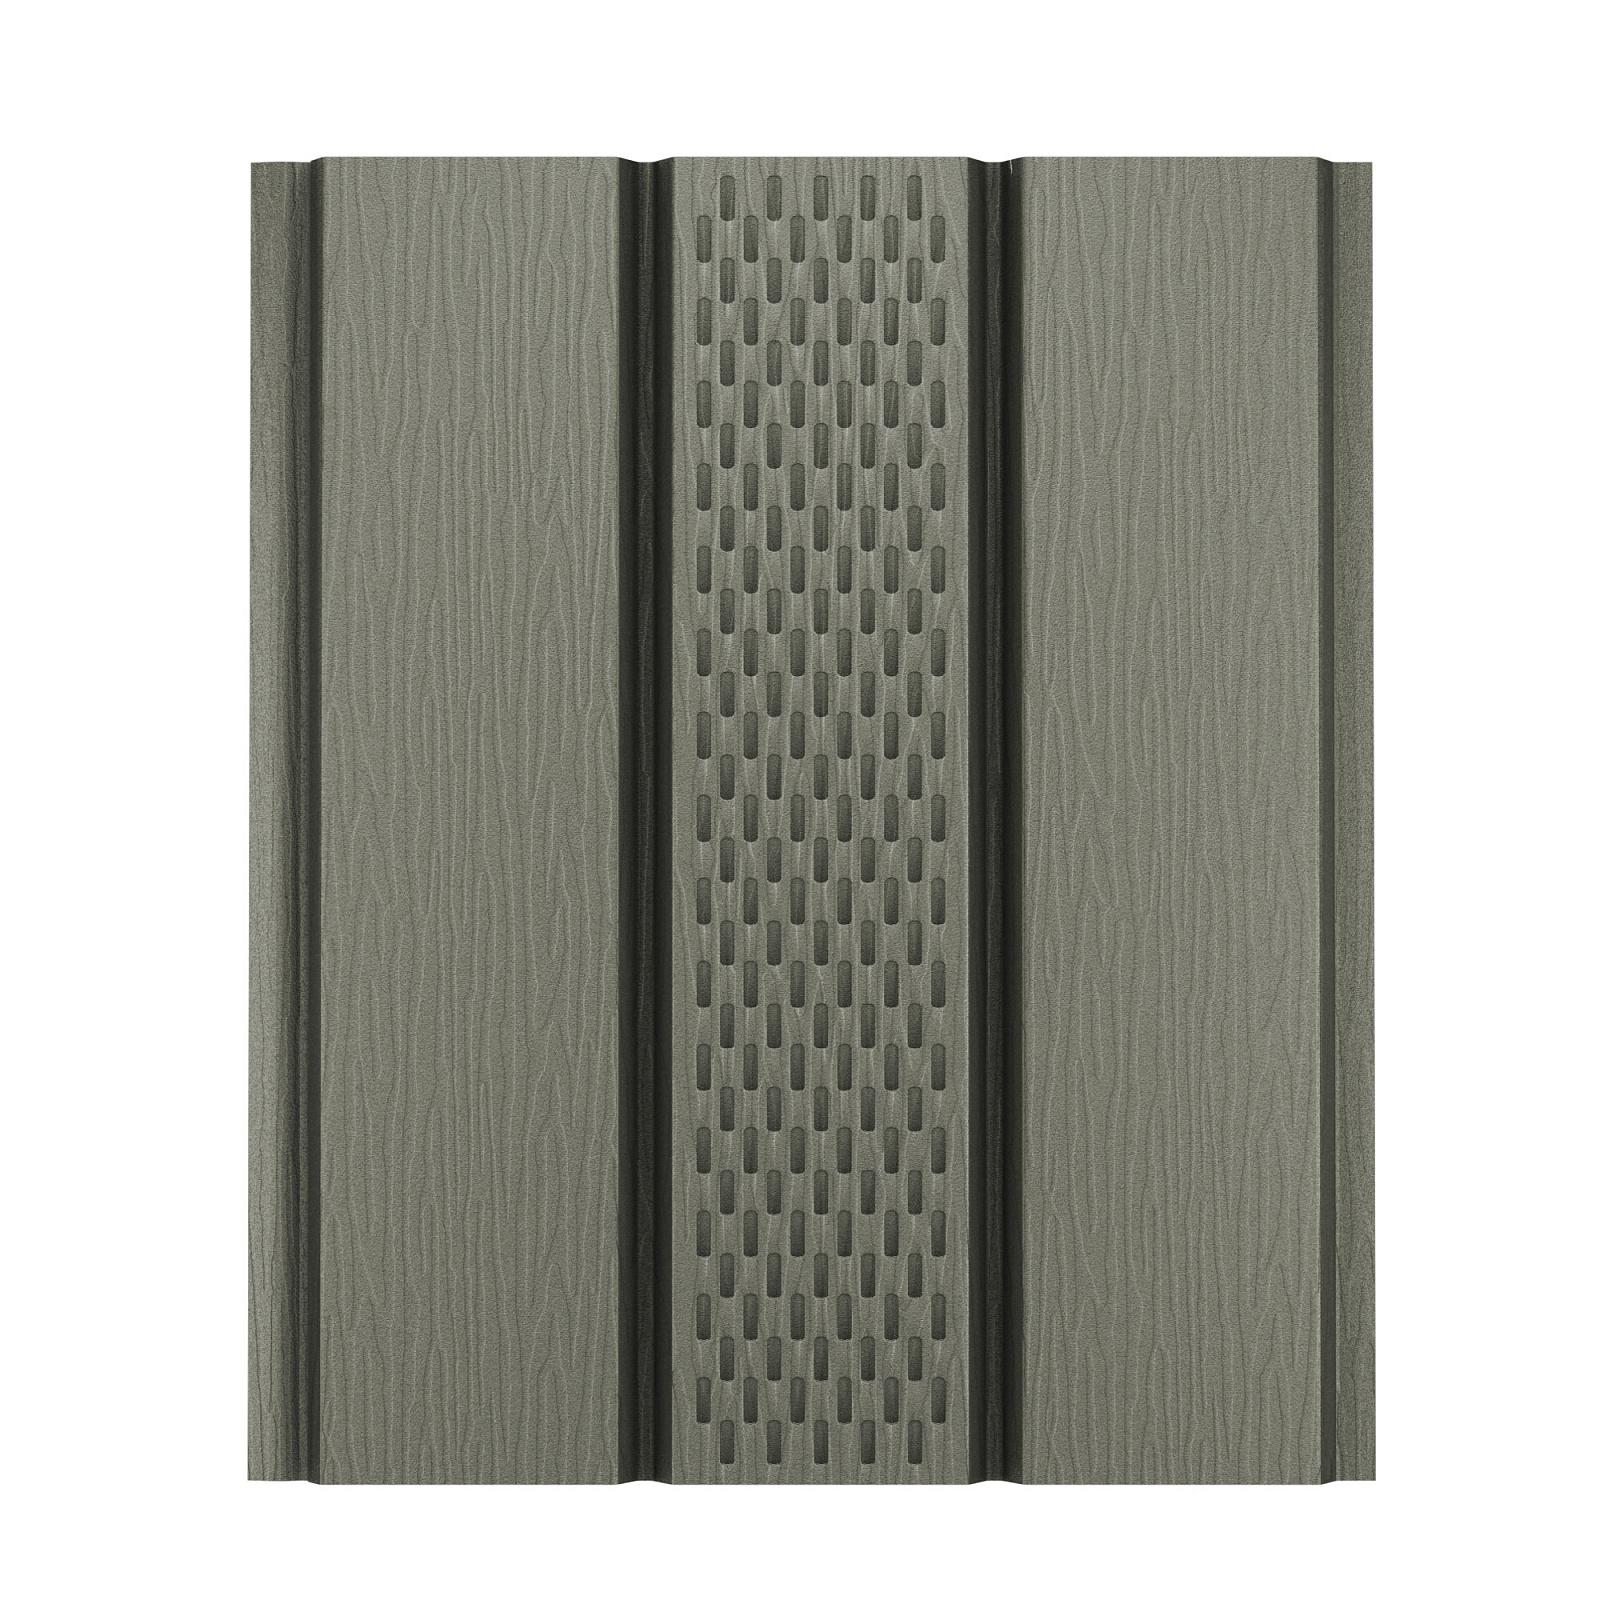 Софит алюминиевый с центральной перфорацией Aquasystem Polyester Matt, 2,4 м RAL 7003